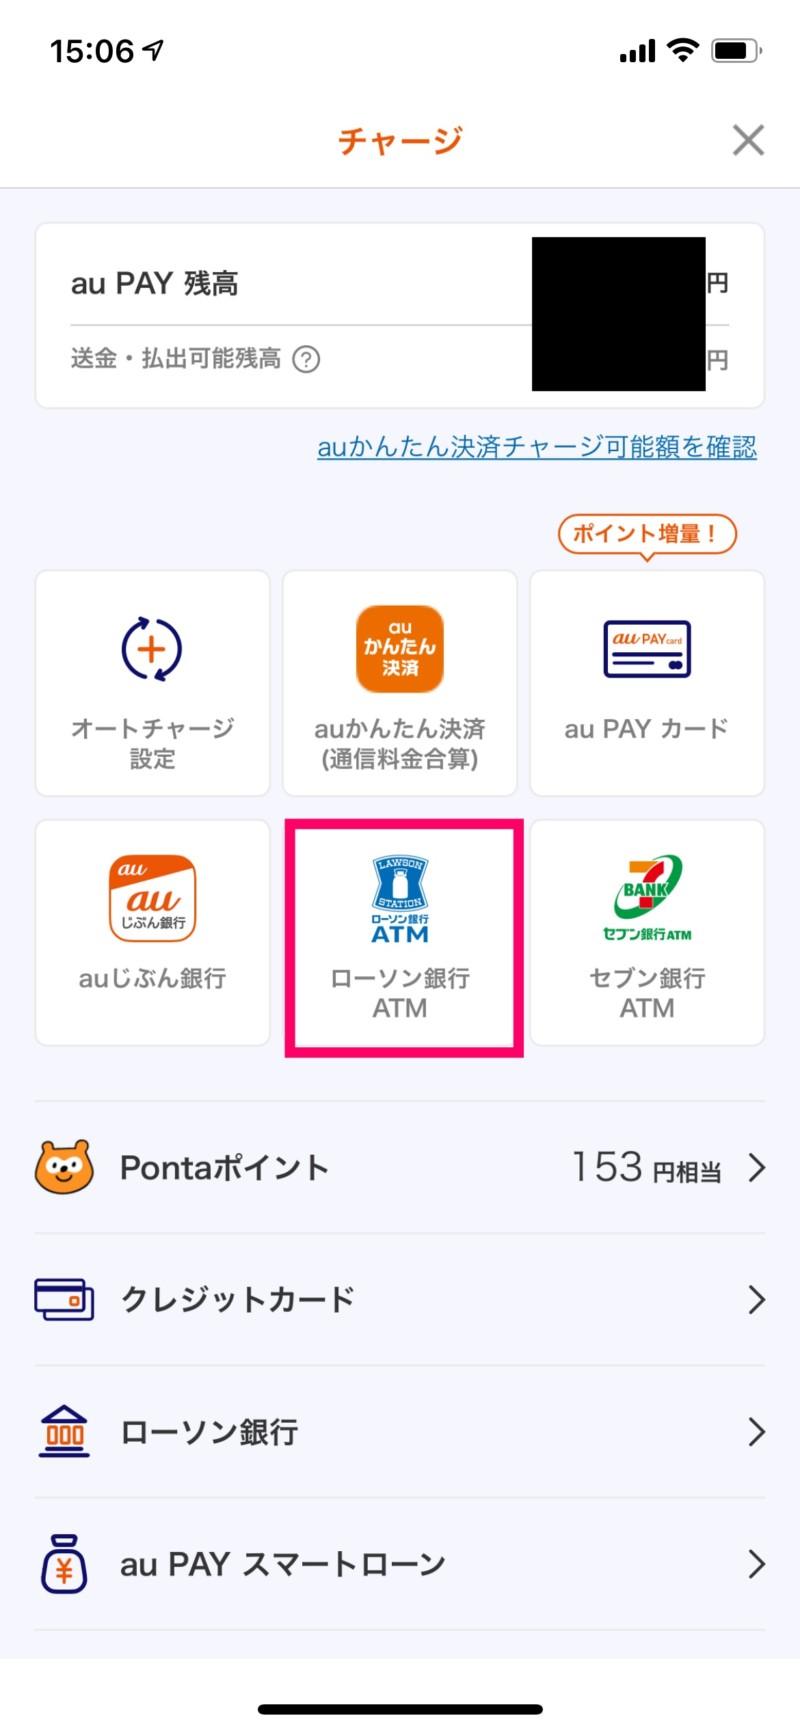 ローソン銀行ATMでau PAYアプリを使ってチャージする方法3